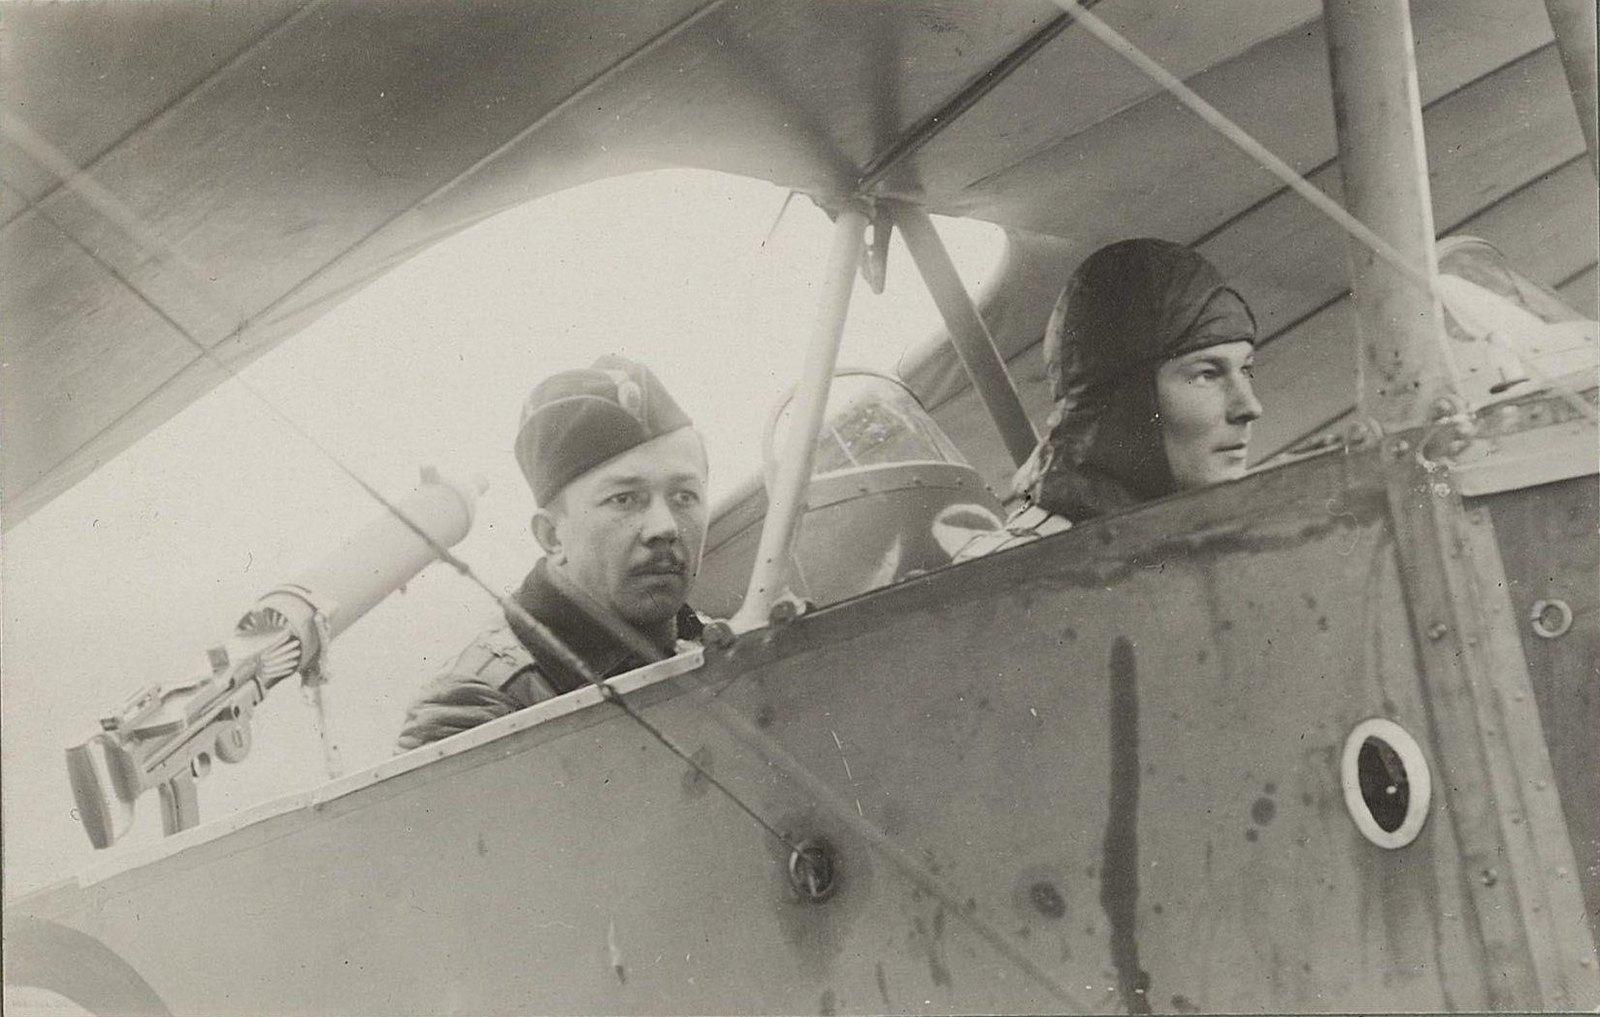 1915. Два лётчика в кабине самолёта.